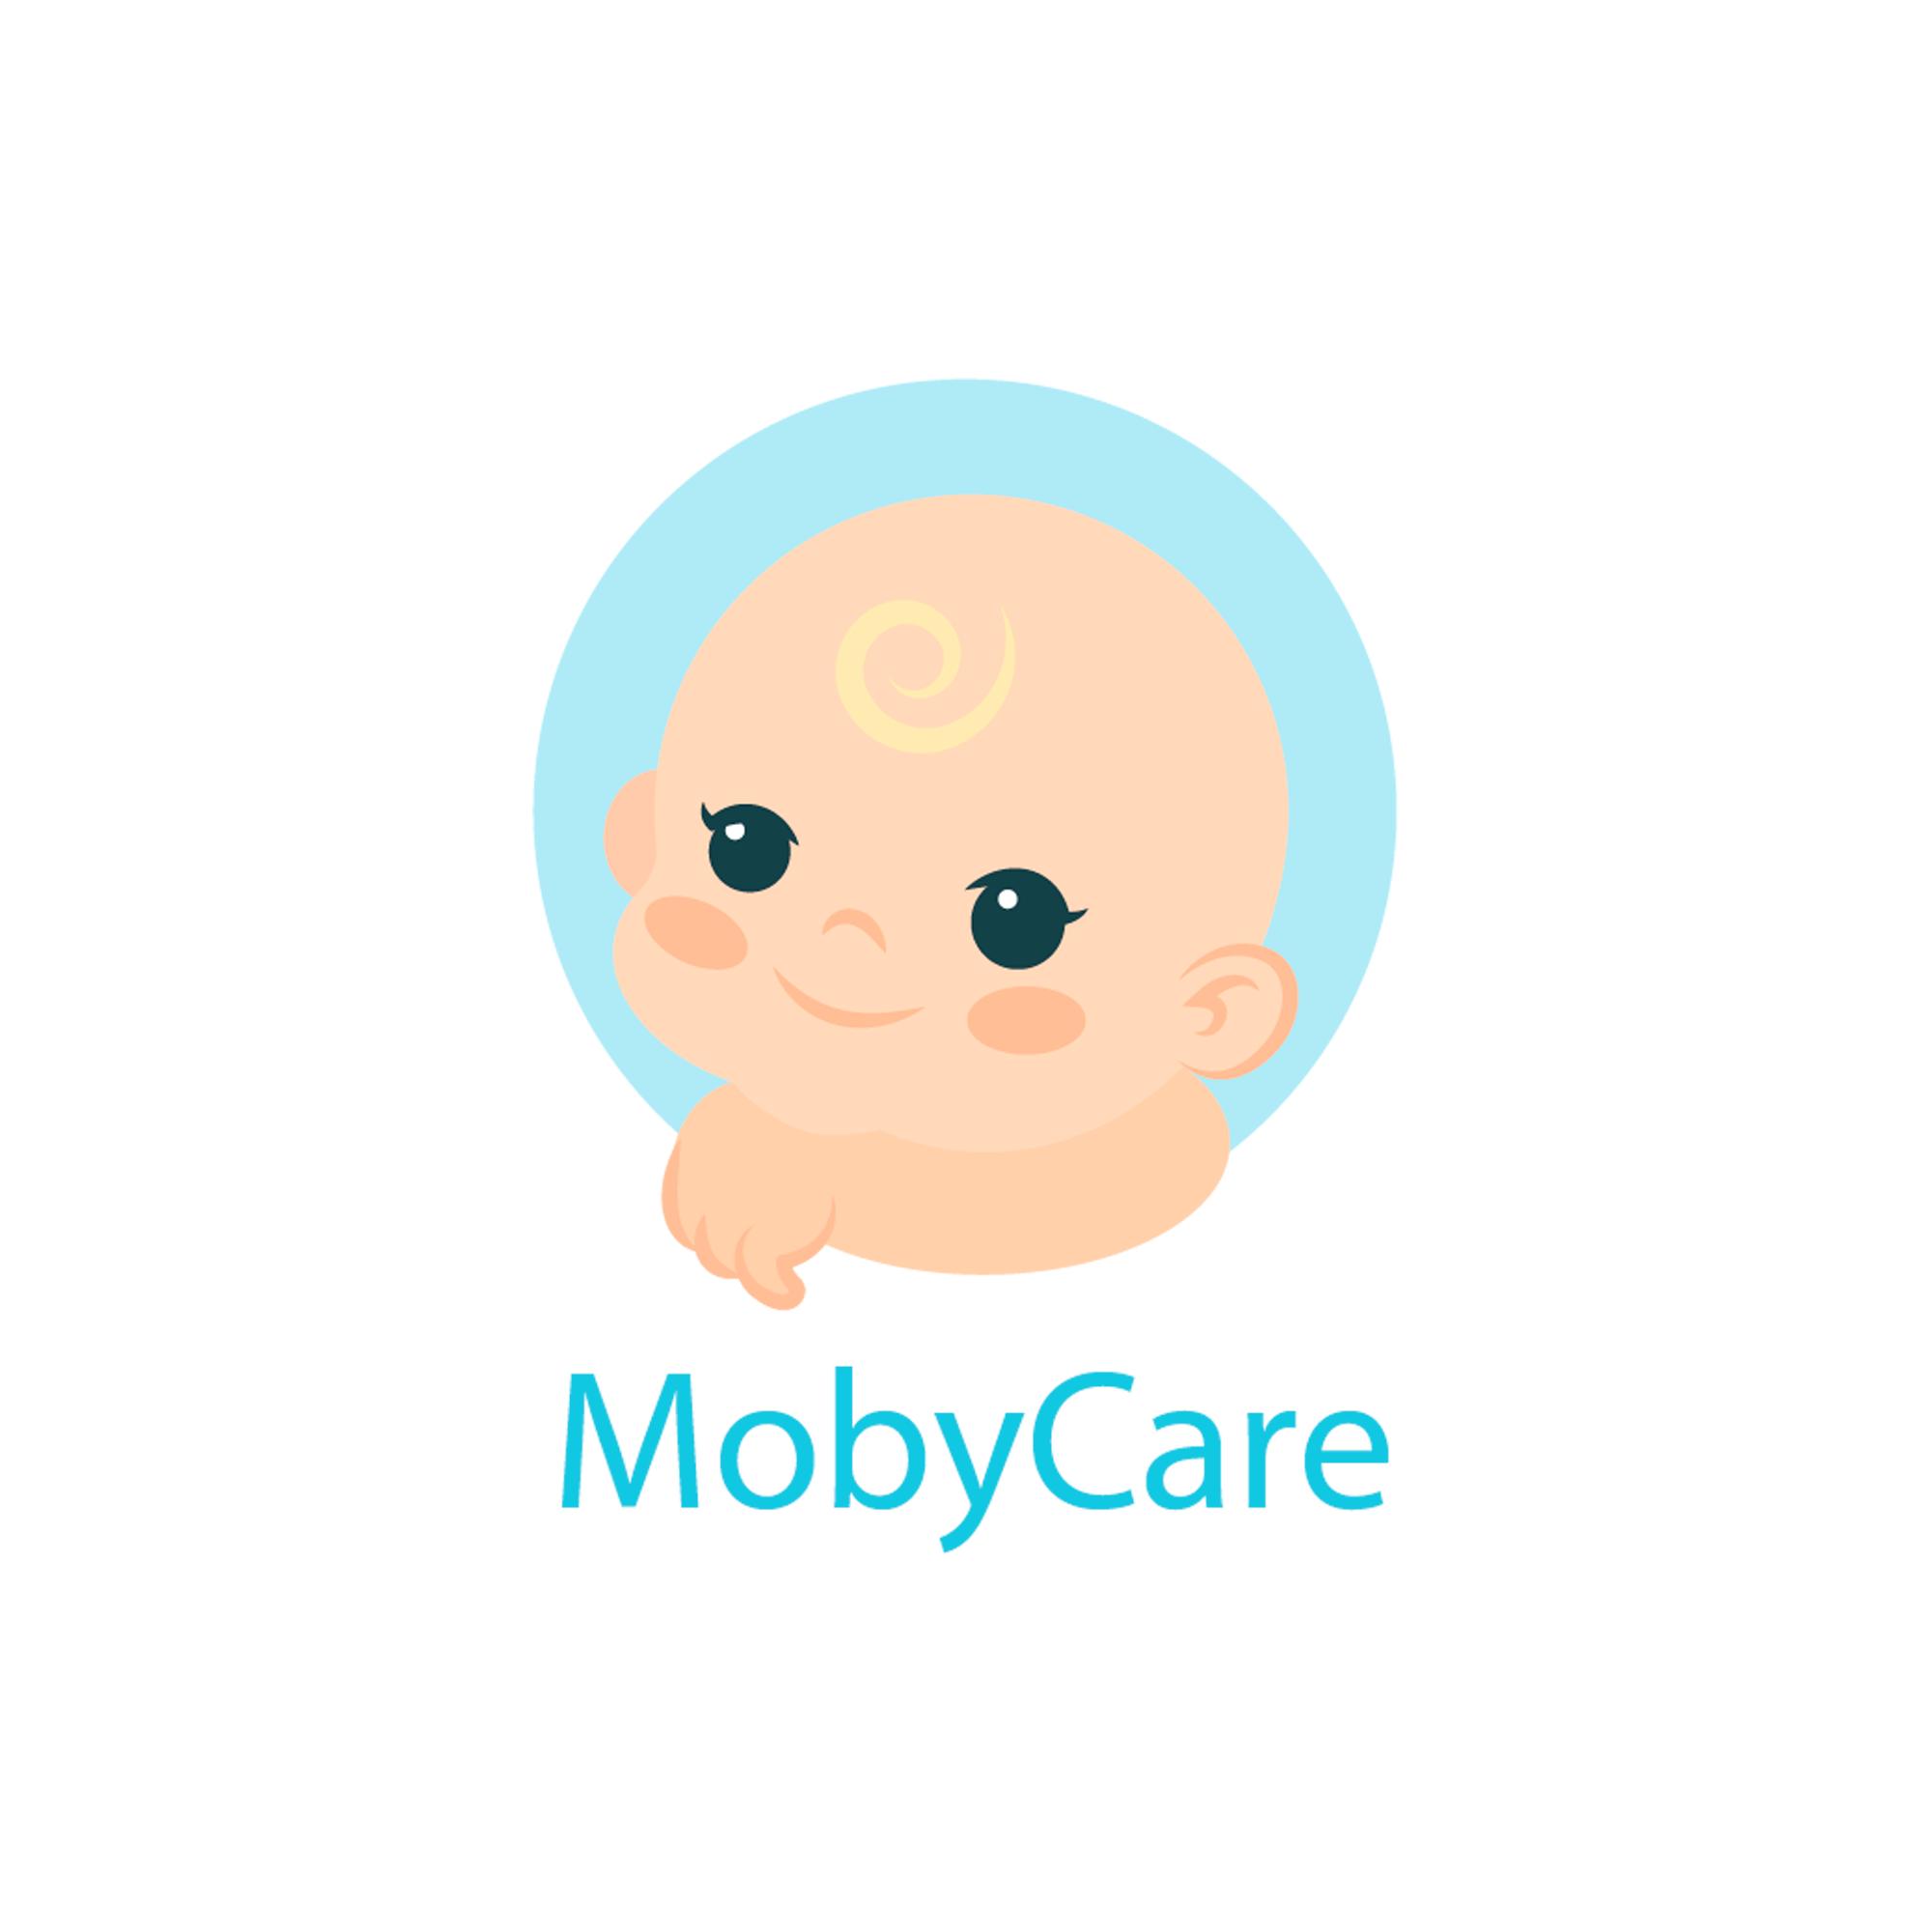 Mobycare – Blog Chuyên Review Nghành Hàng Mẹ Và Bé